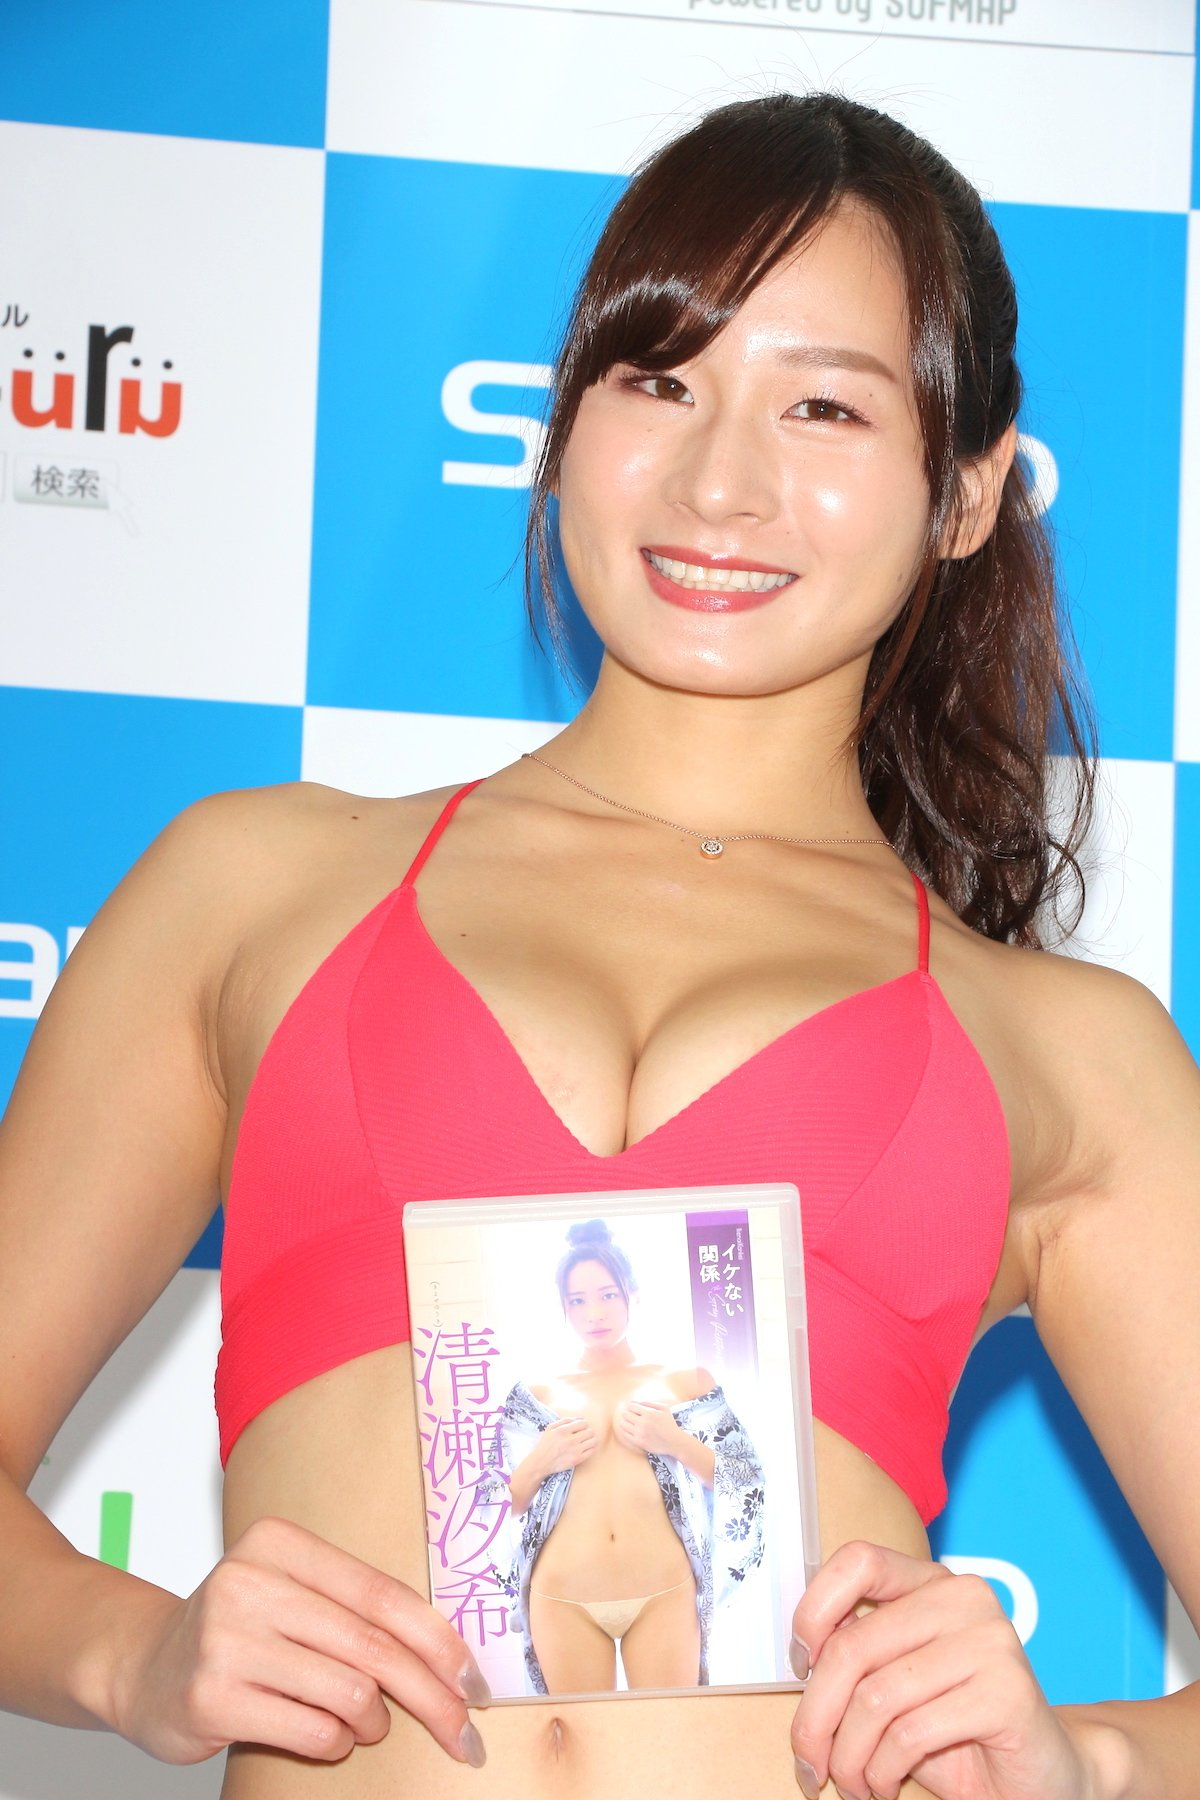 清瀬汐希「本当に何も着てない」お風呂のシーンは露出度満点!【画像62枚】の画像046